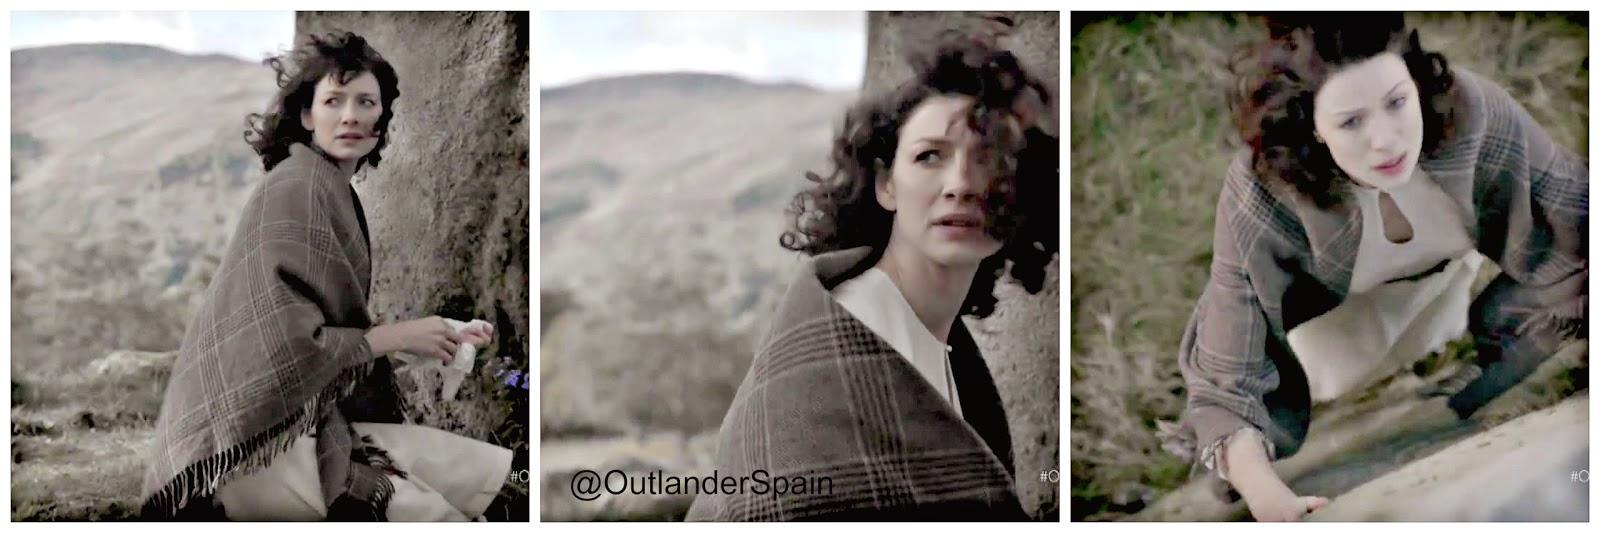 tras las cámaras de Outlander.  1